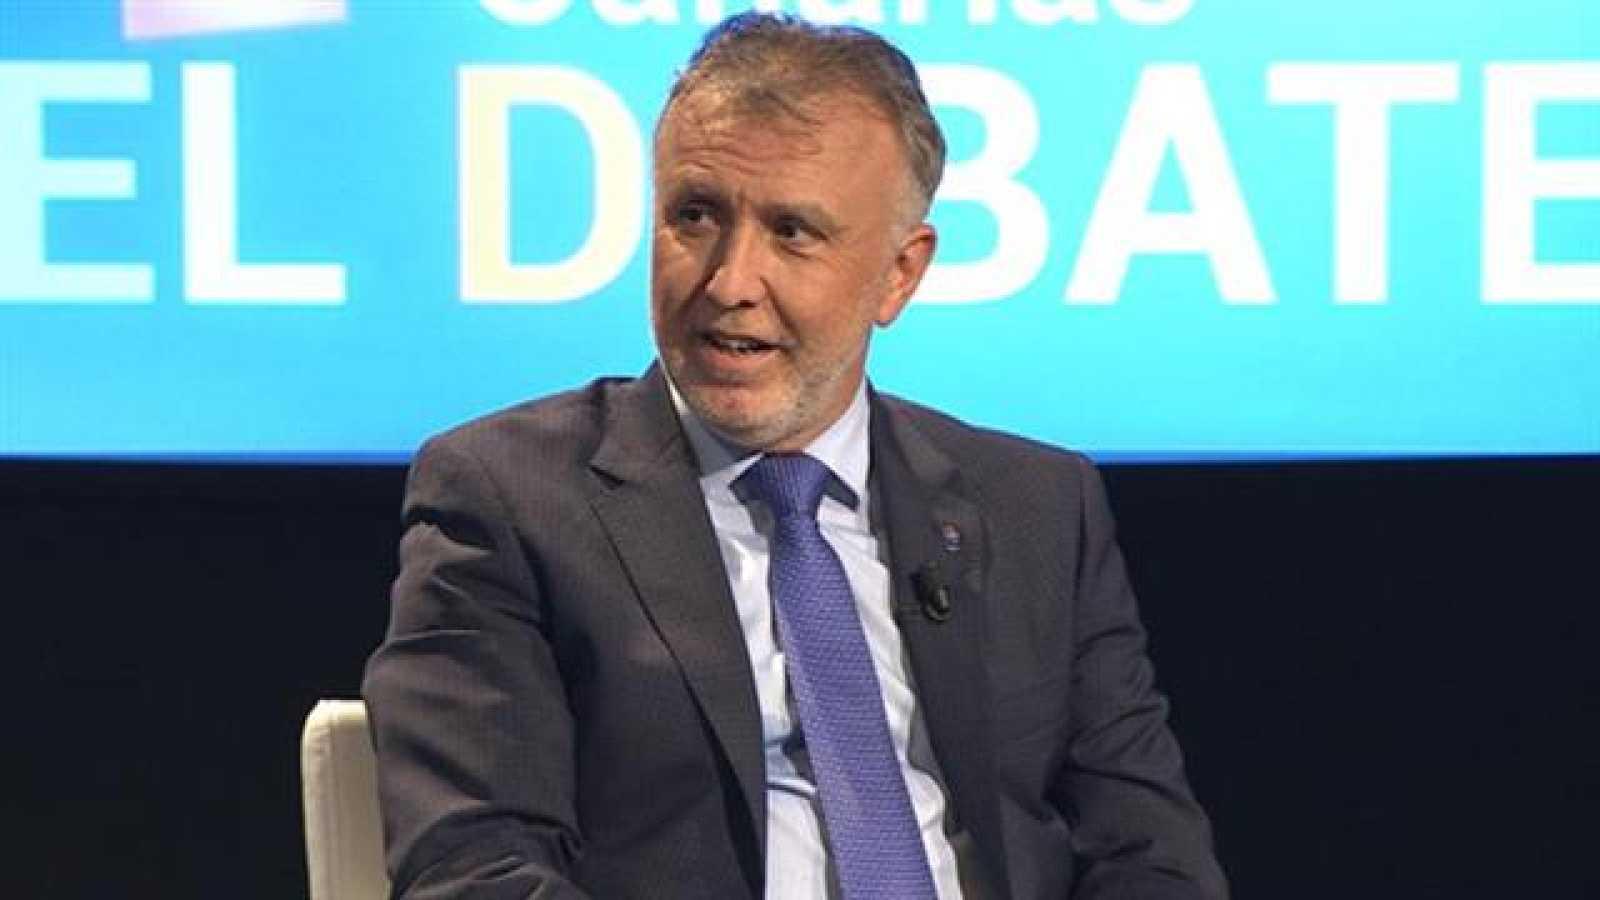 El Debate de La 1 Canarias - 08/10/2020